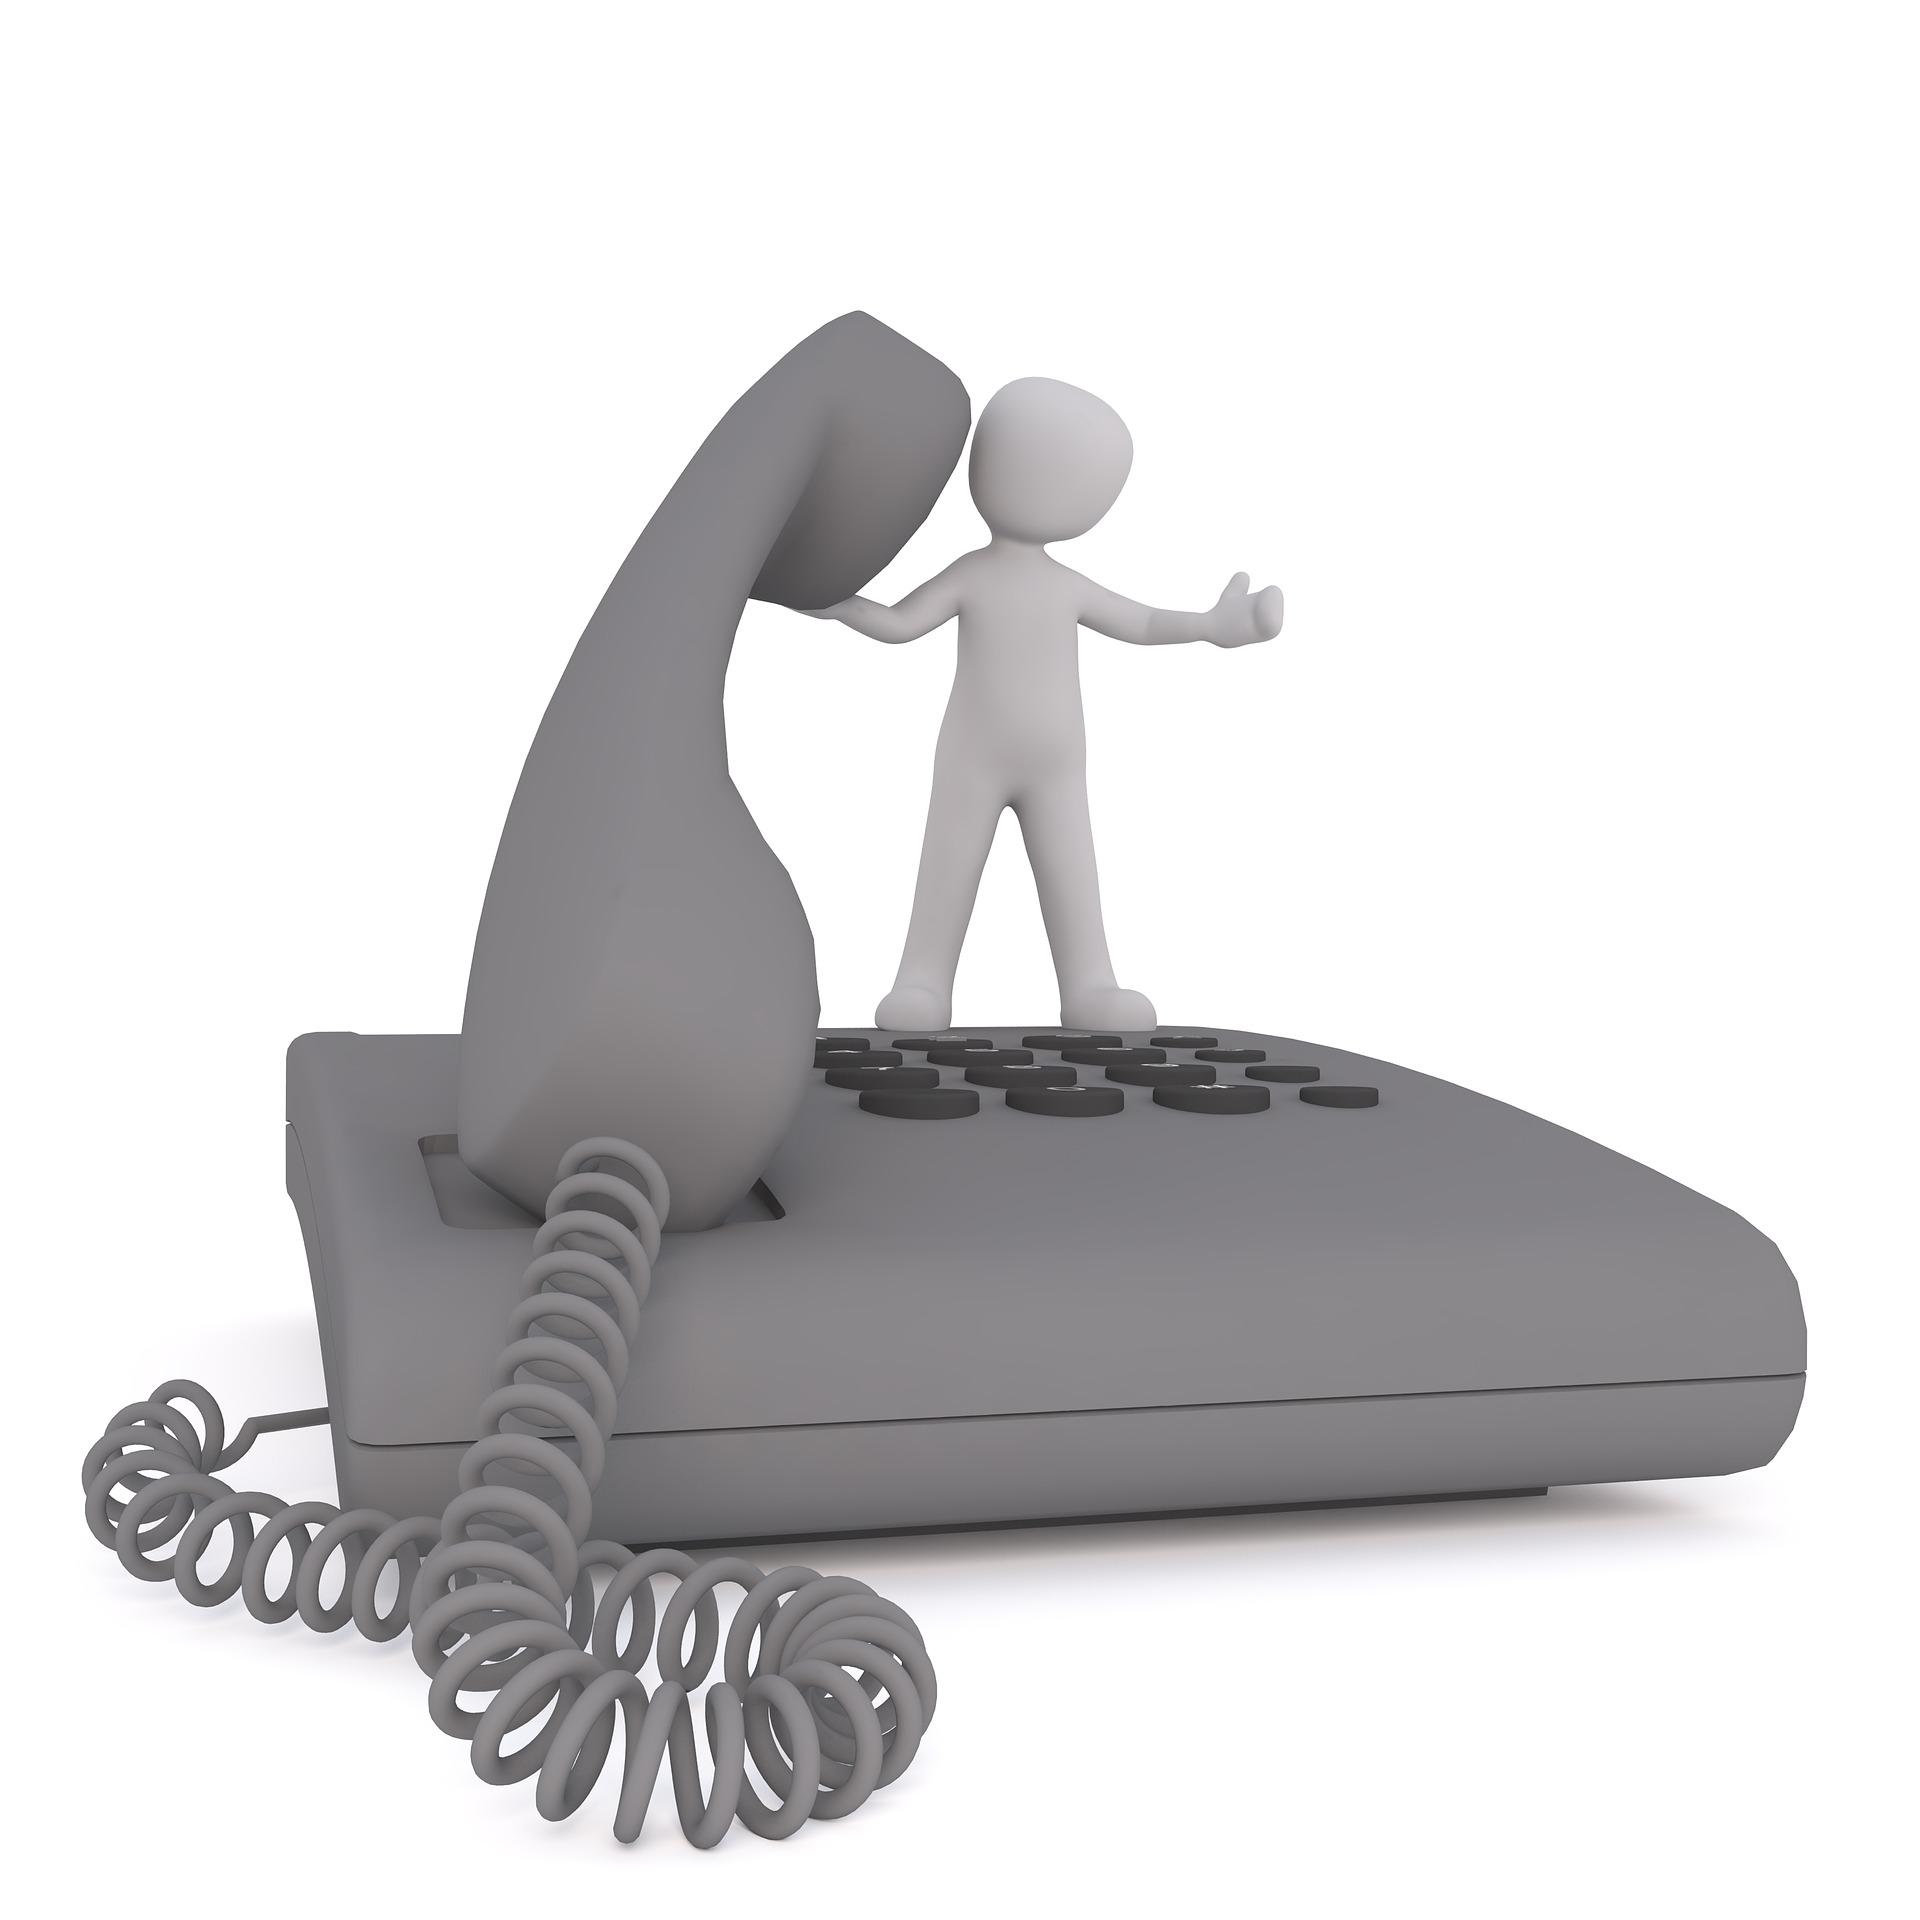 Examen_du_téléphone_domestique_Fido_après_4_ans_d_utilisation